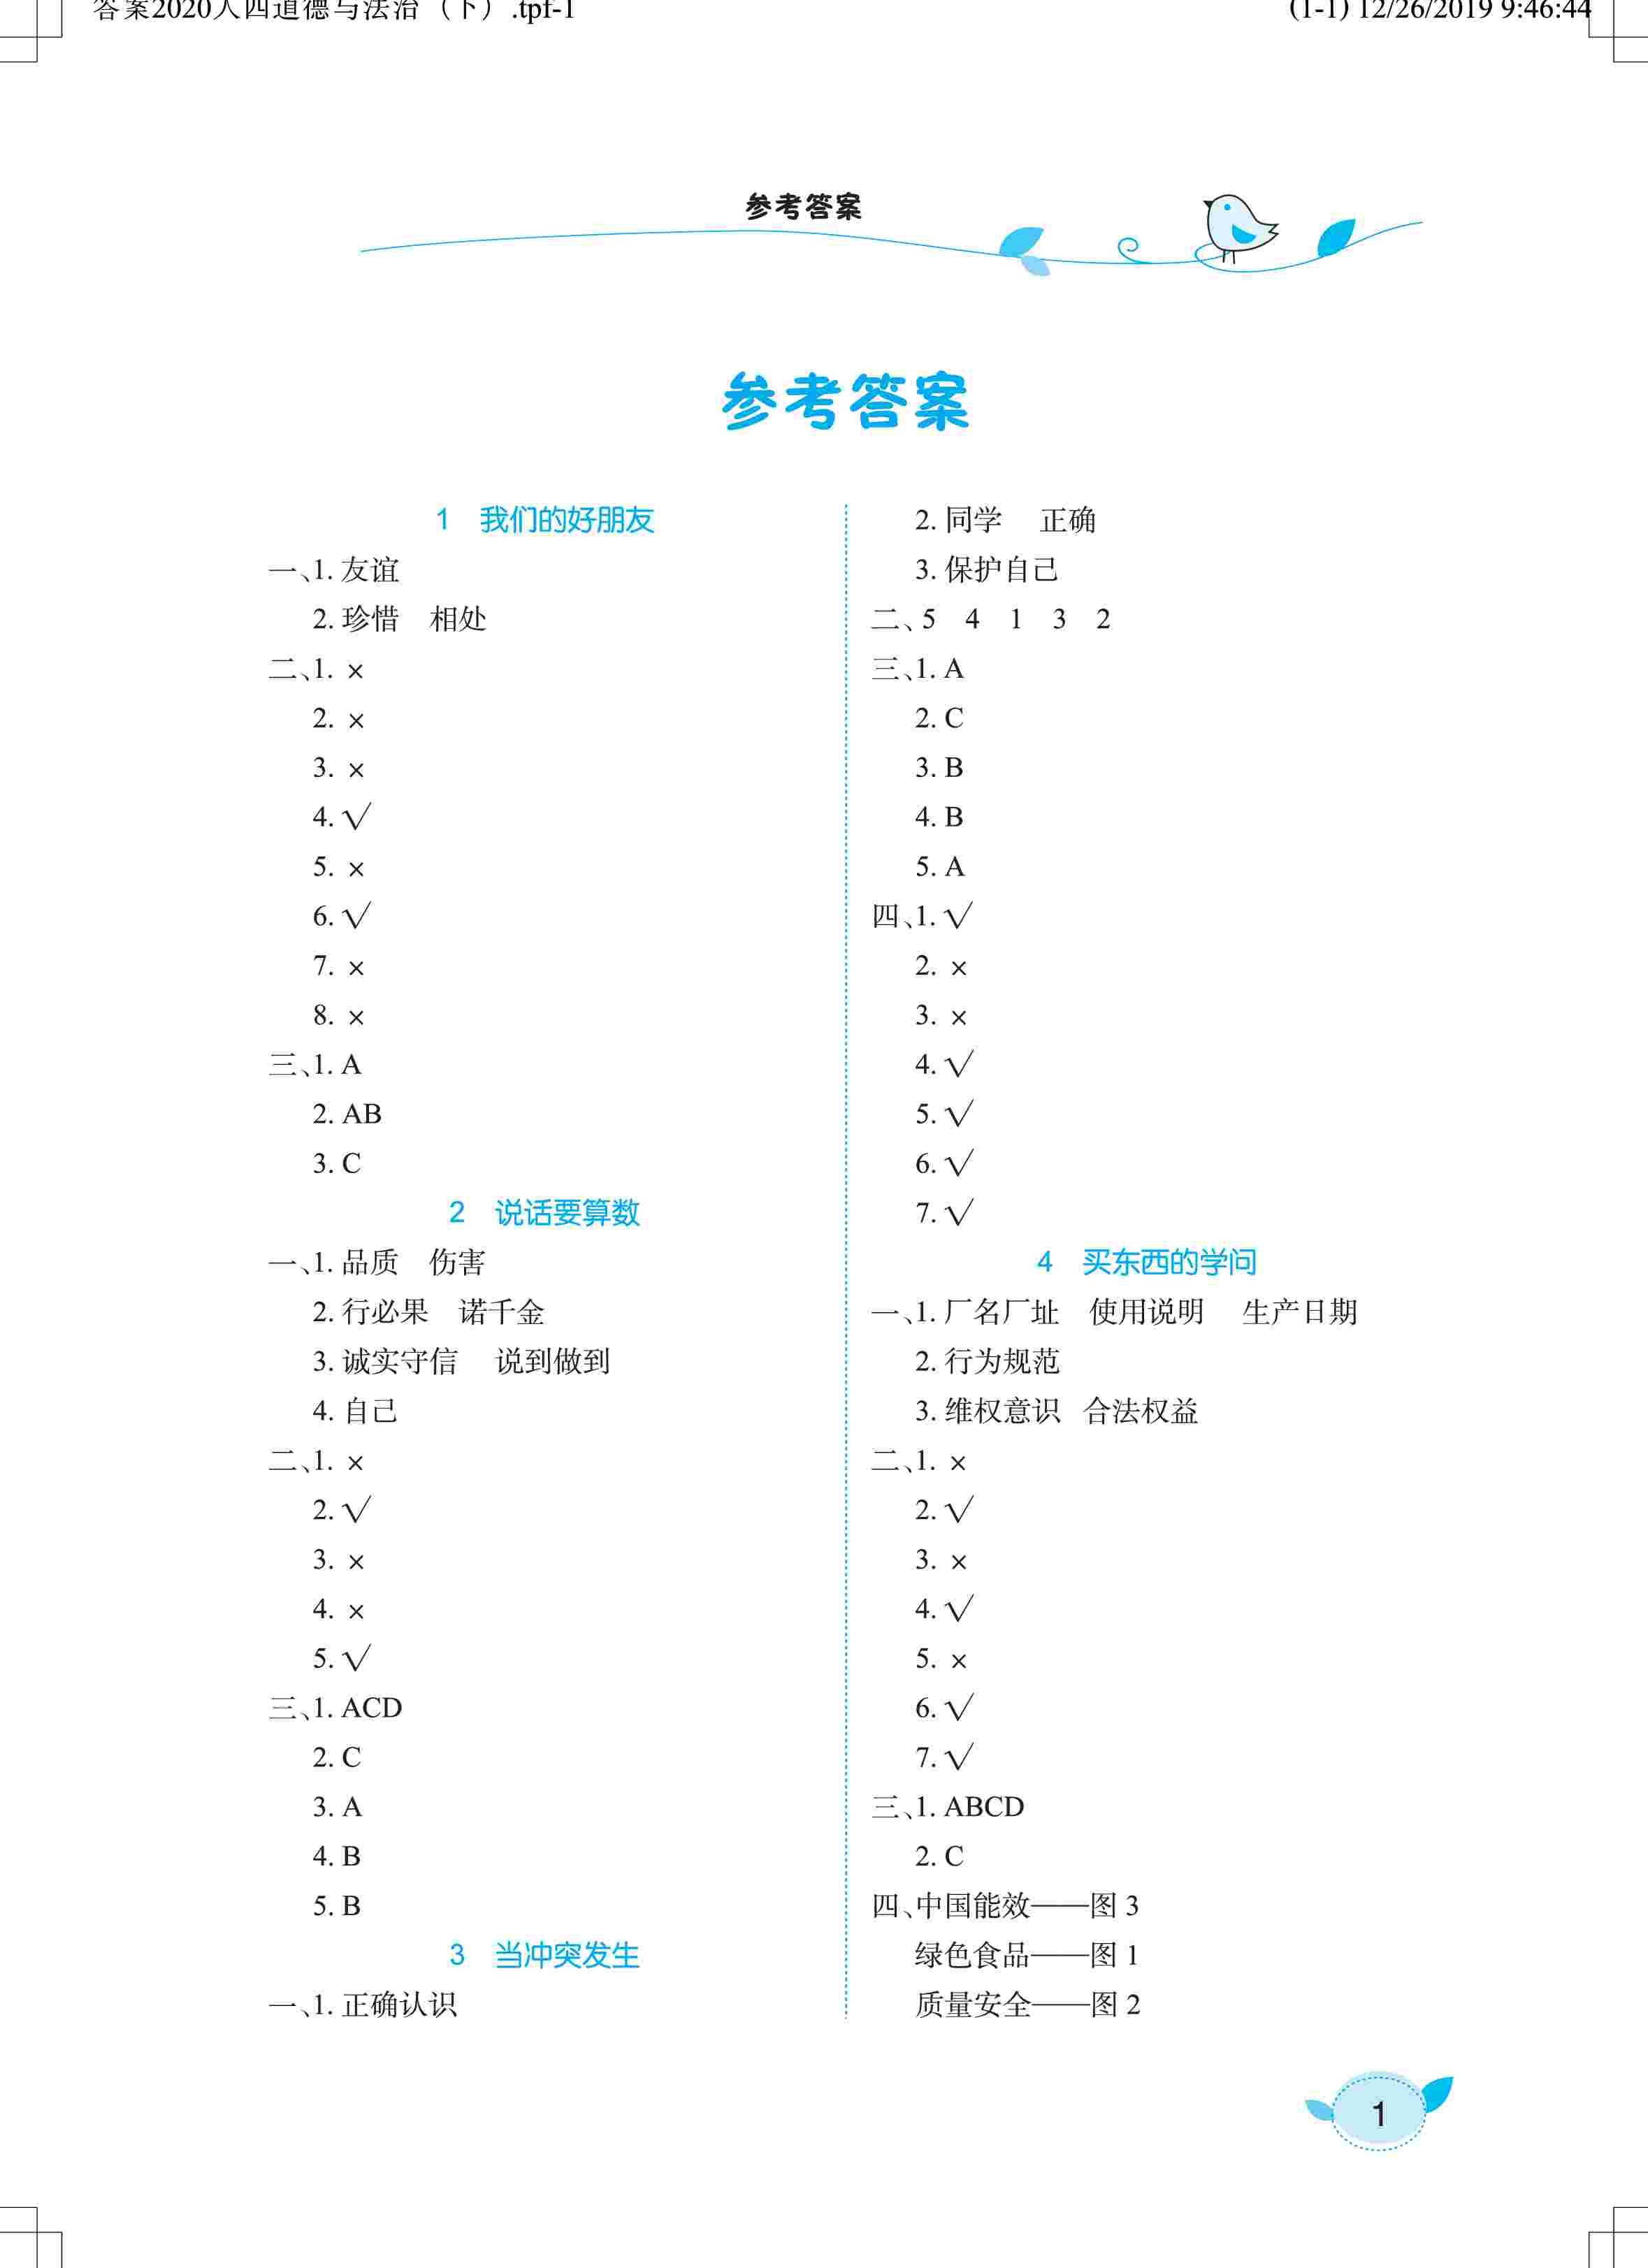 长江作业本课堂作业 道德与法治 4下(人教版)第1页